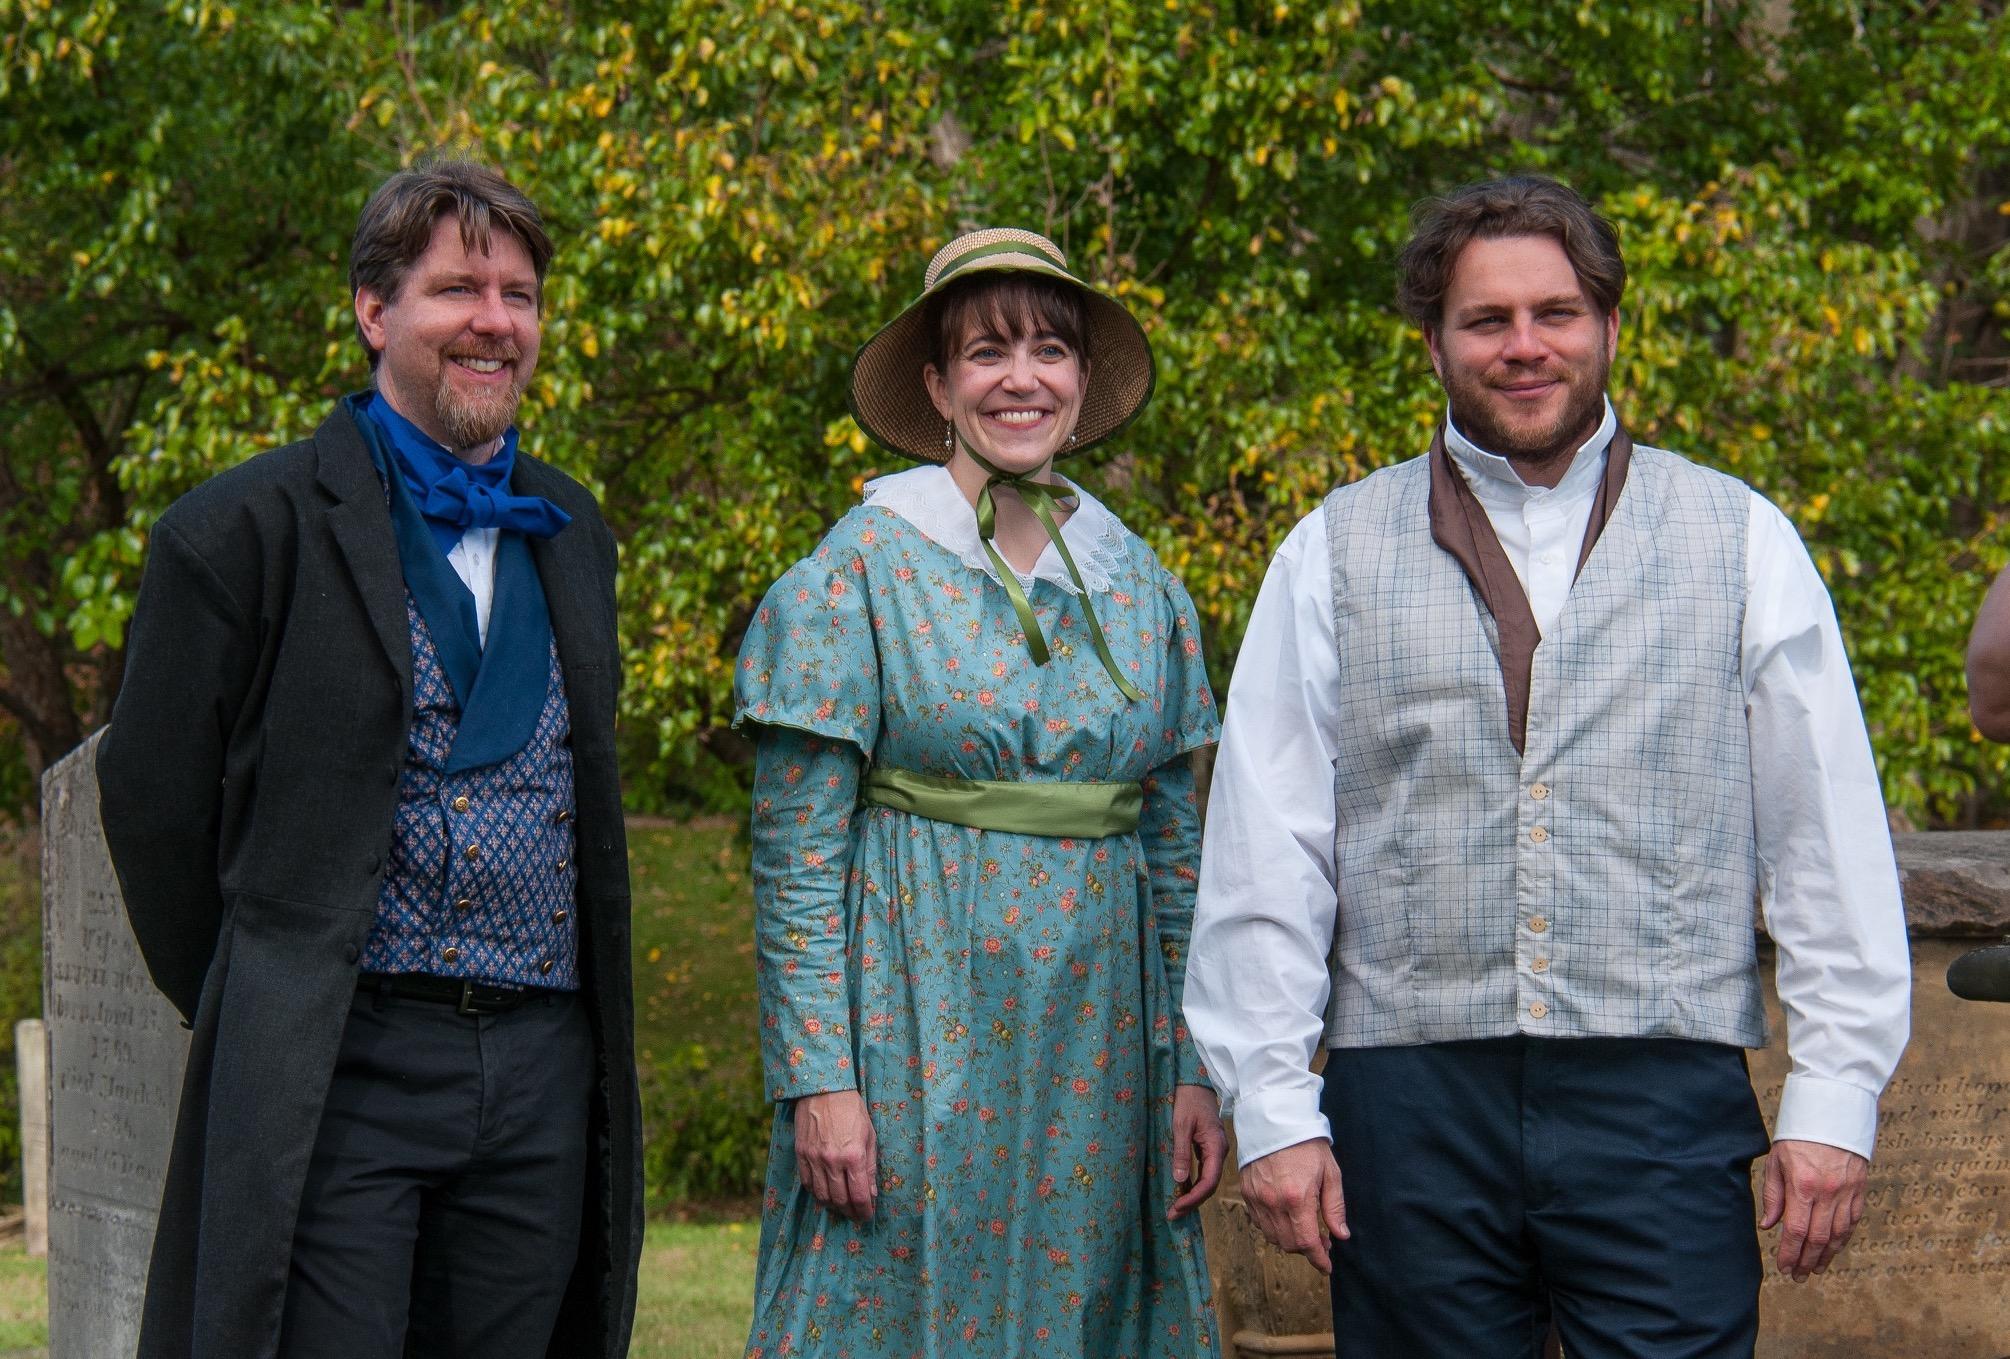 The Mower family: Lucius Mower (1793-1834), Isabella Mower Richards (1791-1821), and Sherlock Mower (1797-1837).